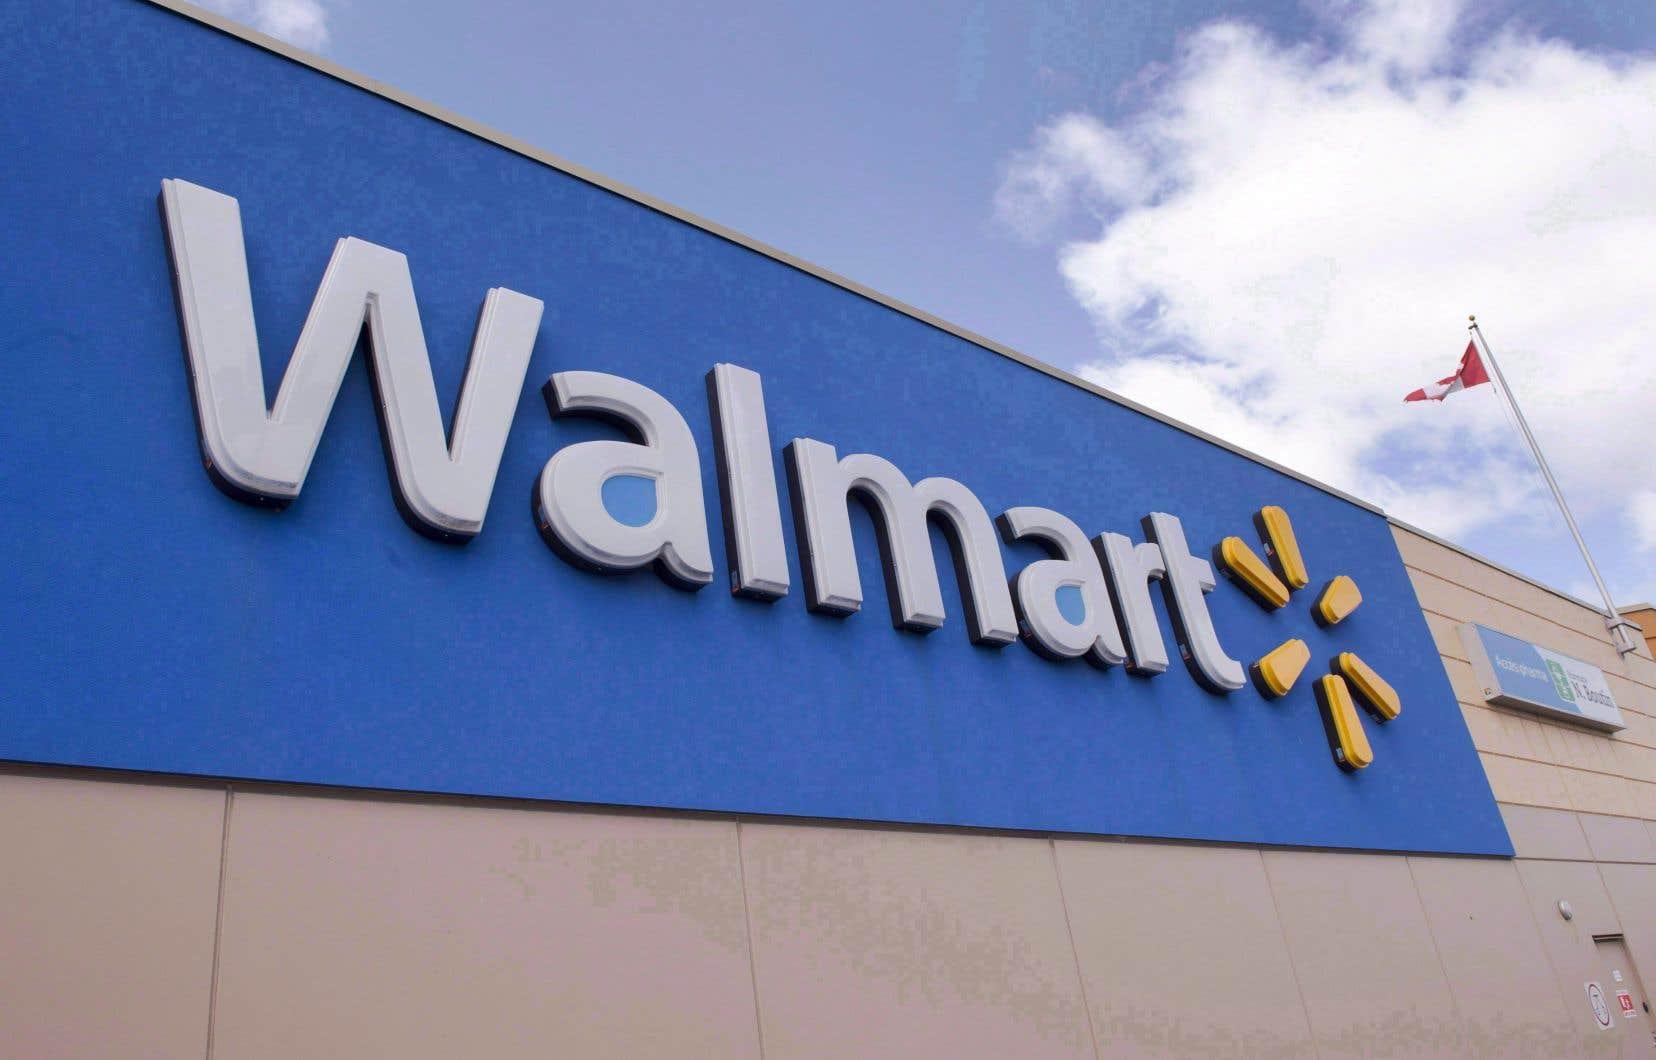 La semaine dernière, Walmart a mis fin à un programme favorisant l'intégration de personnes ayant une déficience intellectuelle ou un trouble du spectre de l'autisme.